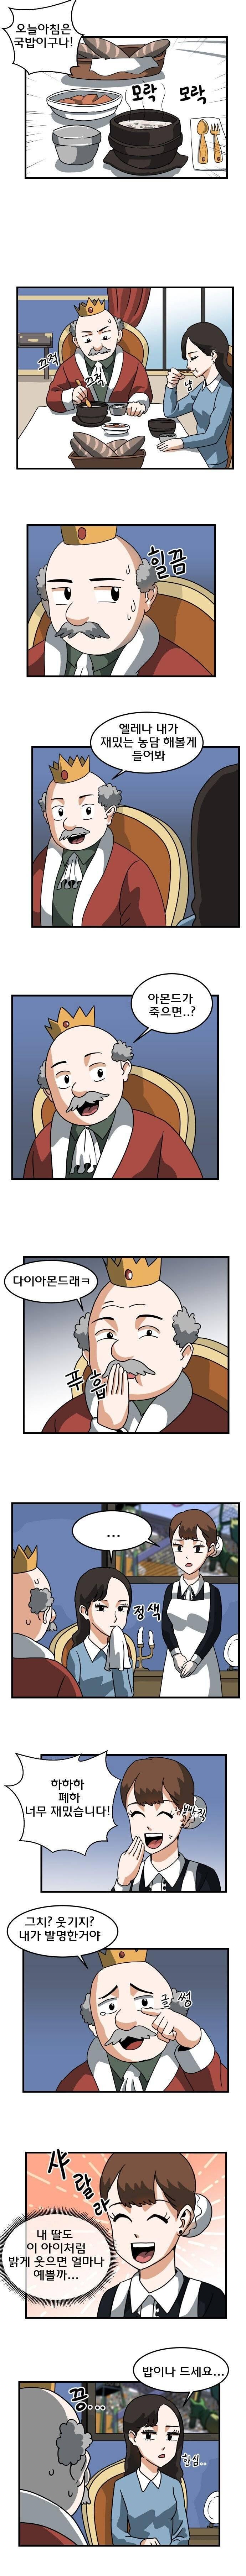 절대 웃지 않는 공주 만화.manhwa   인스티즈